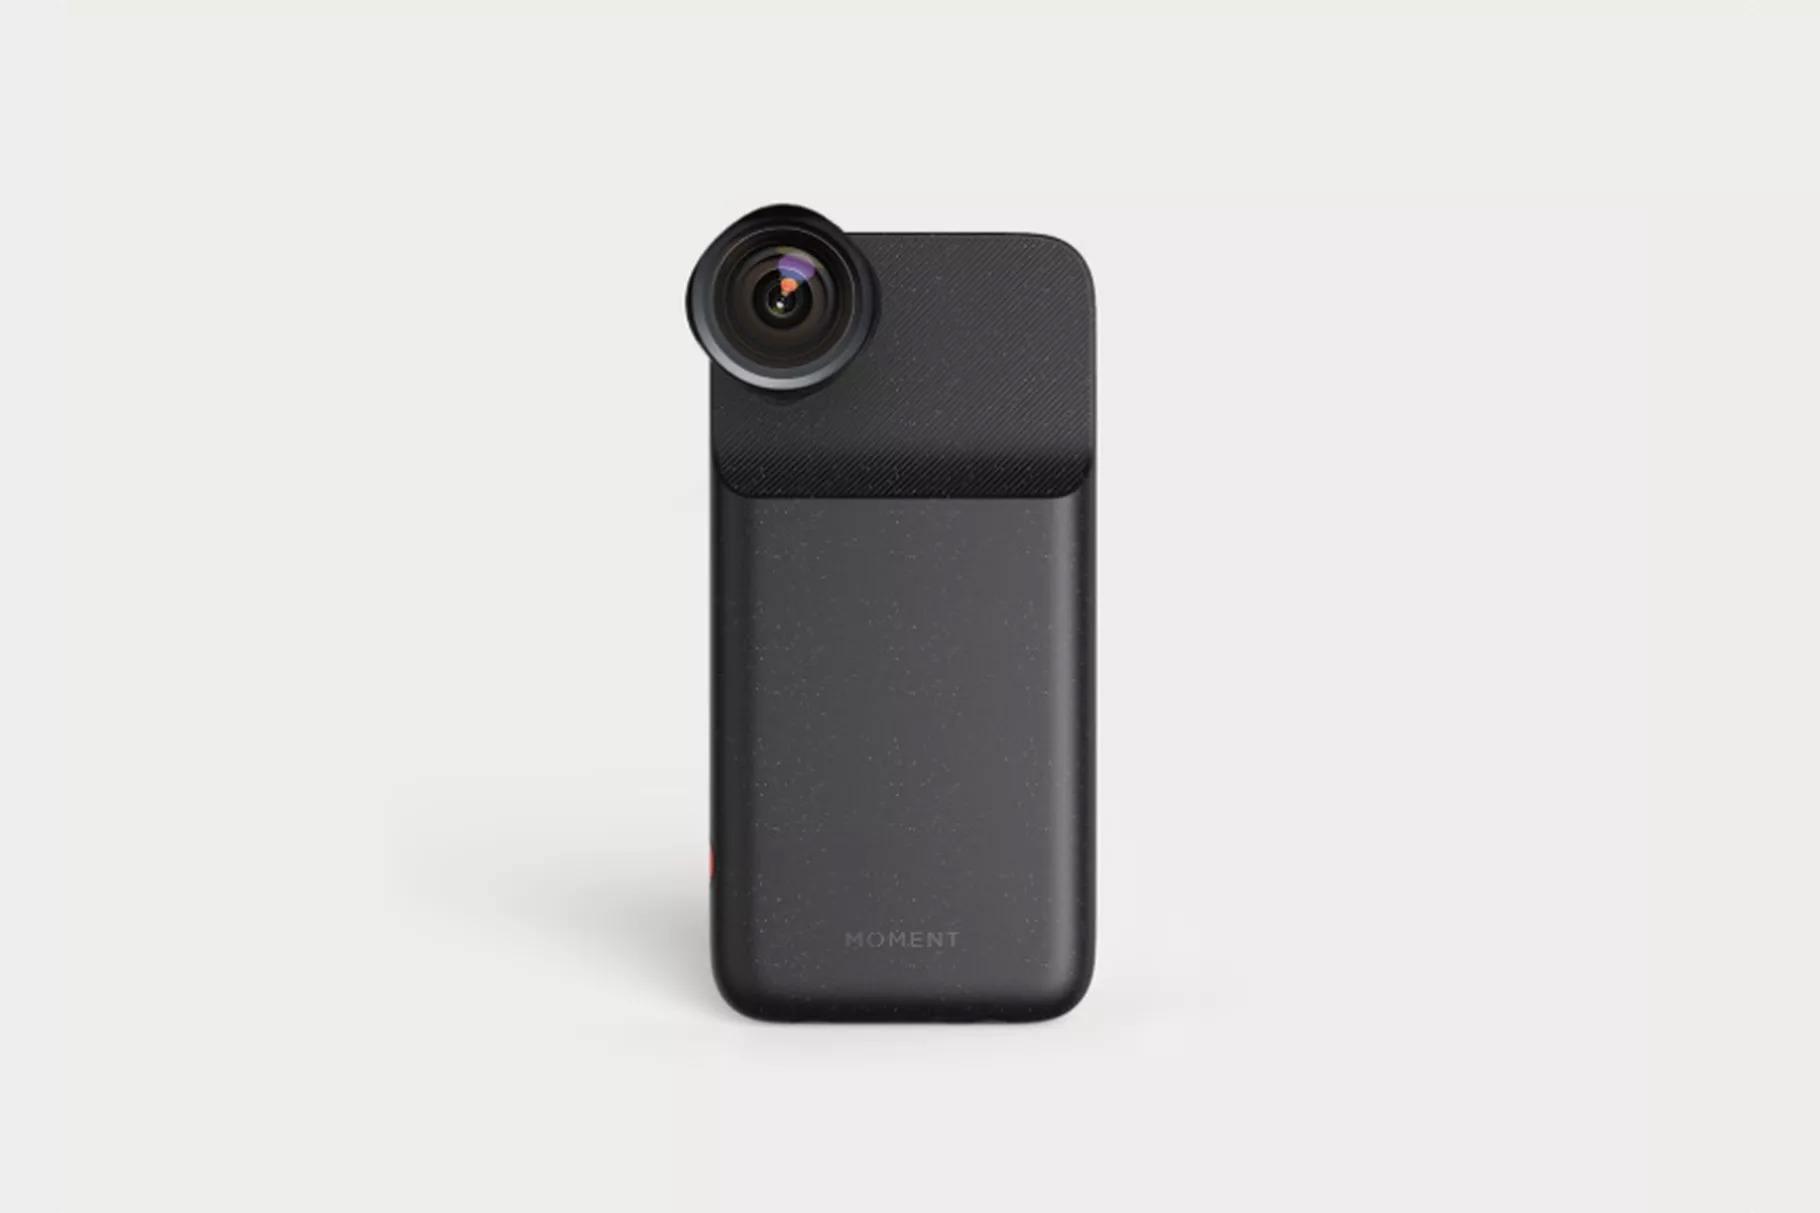 Moment'ın iPhone X'a özel pilli kılıfı çıktı